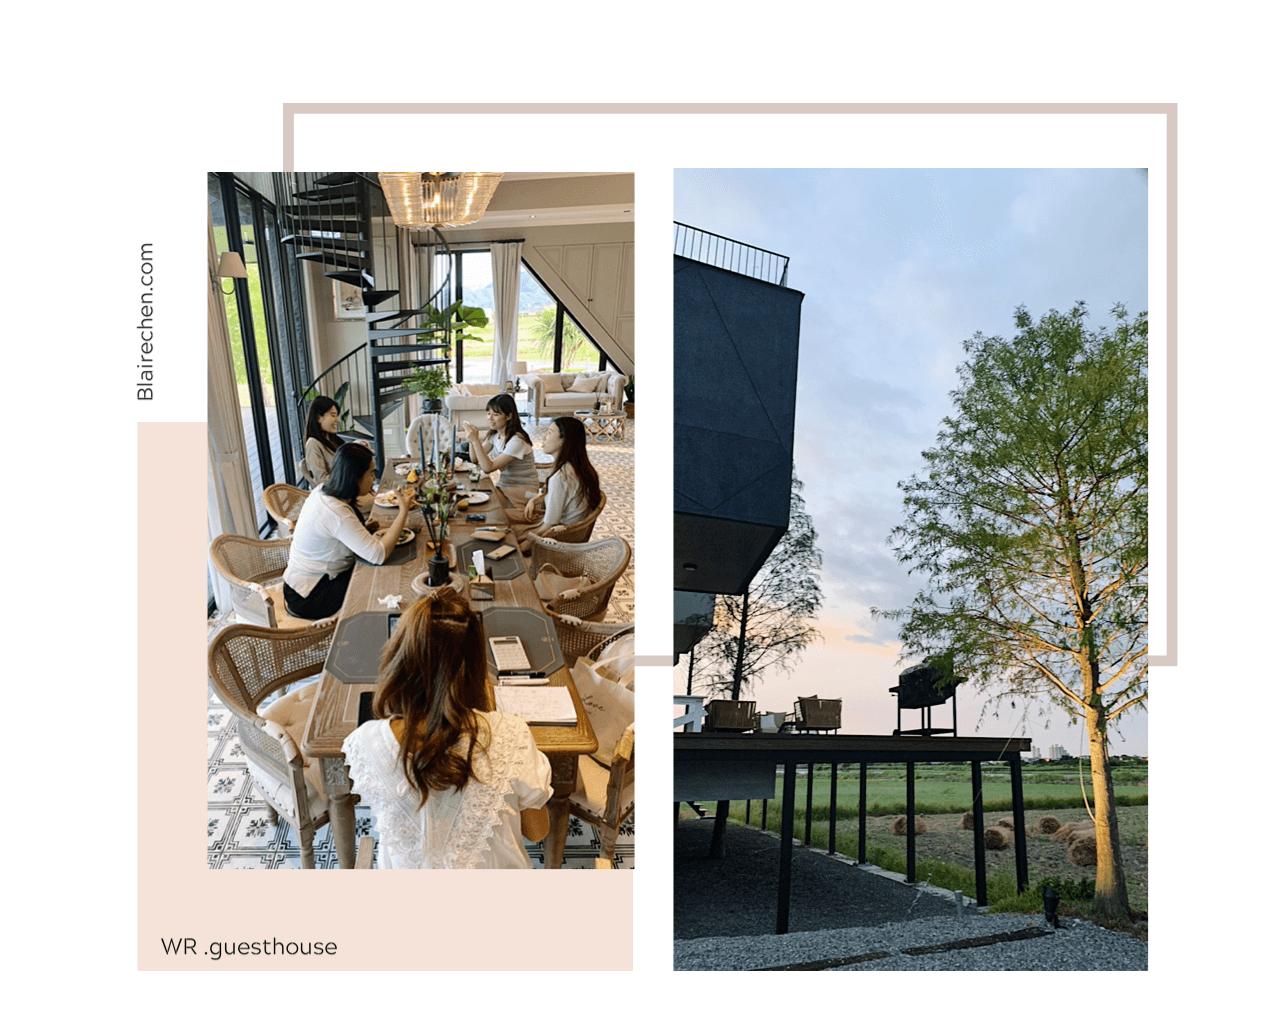 【宜蘭 WR 光旅暖稻】|超美宜蘭民宿推薦!輕旅行首選,巴洛克式建築空間,度假放鬆又幸福。